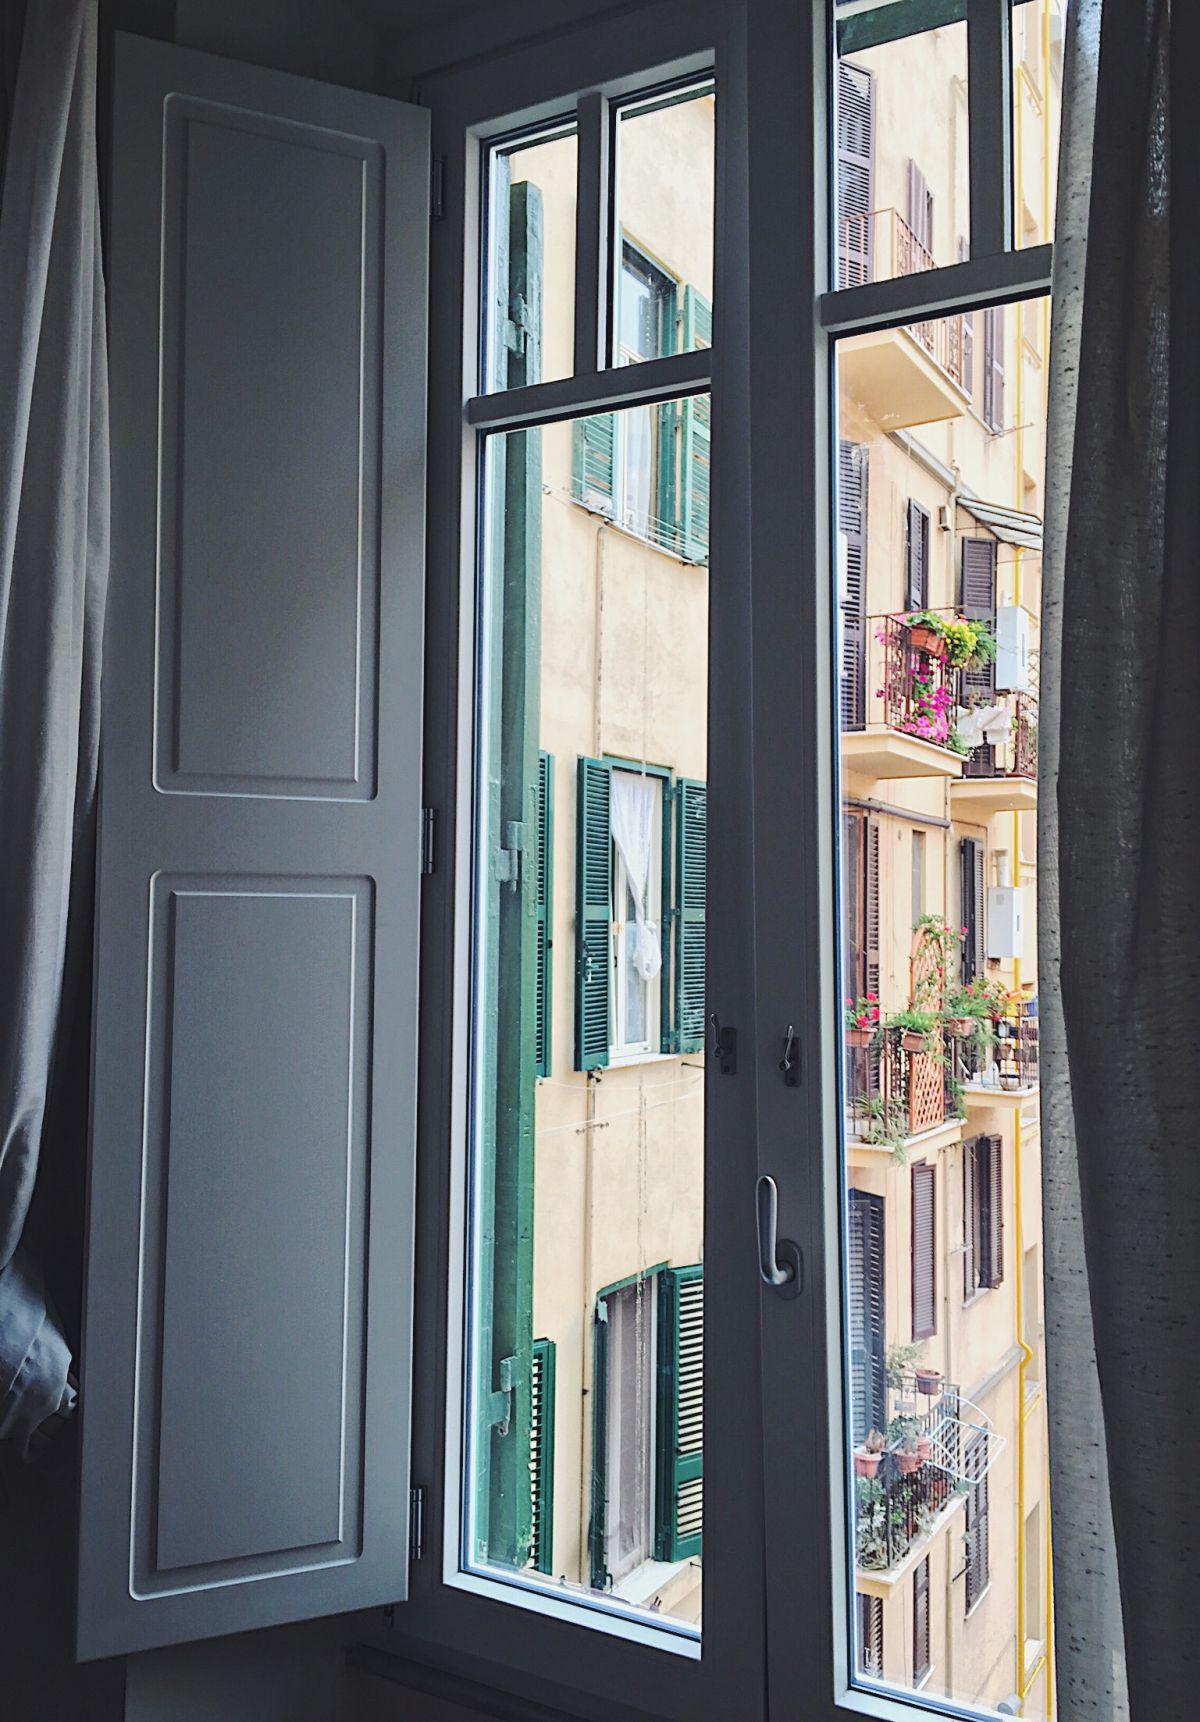 Iaquone porte e finestre vendita finestre e infissi pvc - Infissi e finestre ...